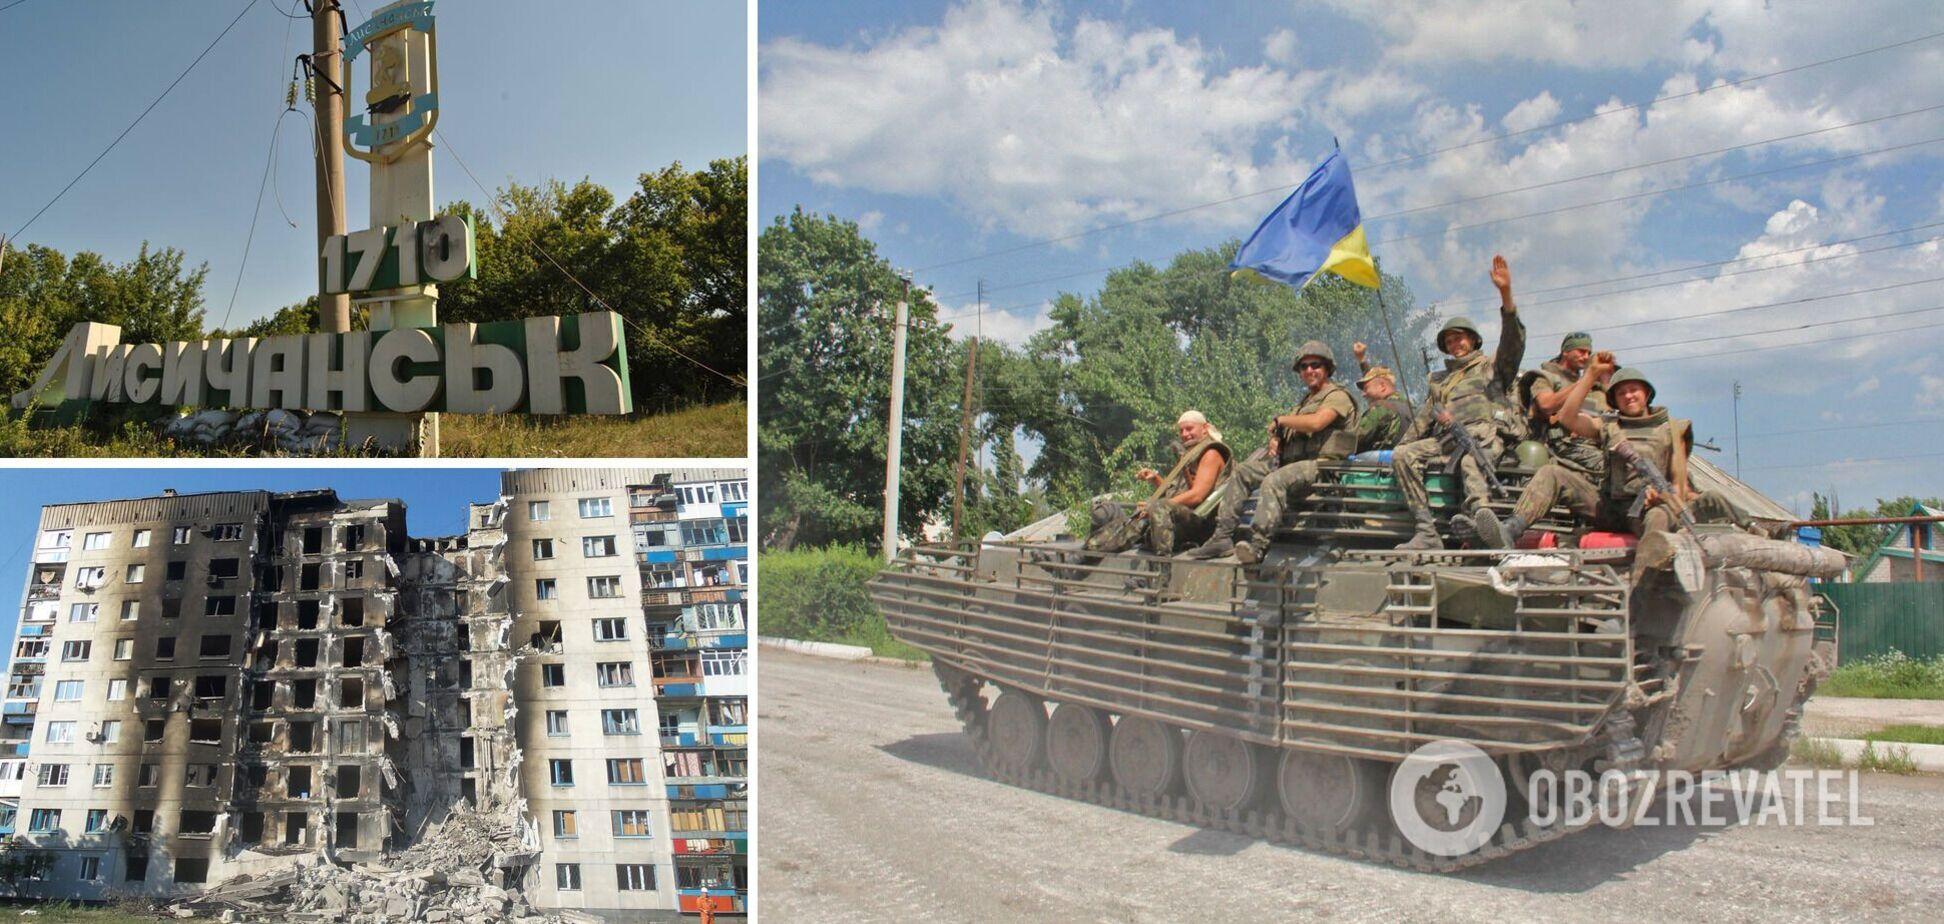 Сім років тому сили АТО звільнили Лисичанськ: як це було. Фото та відео